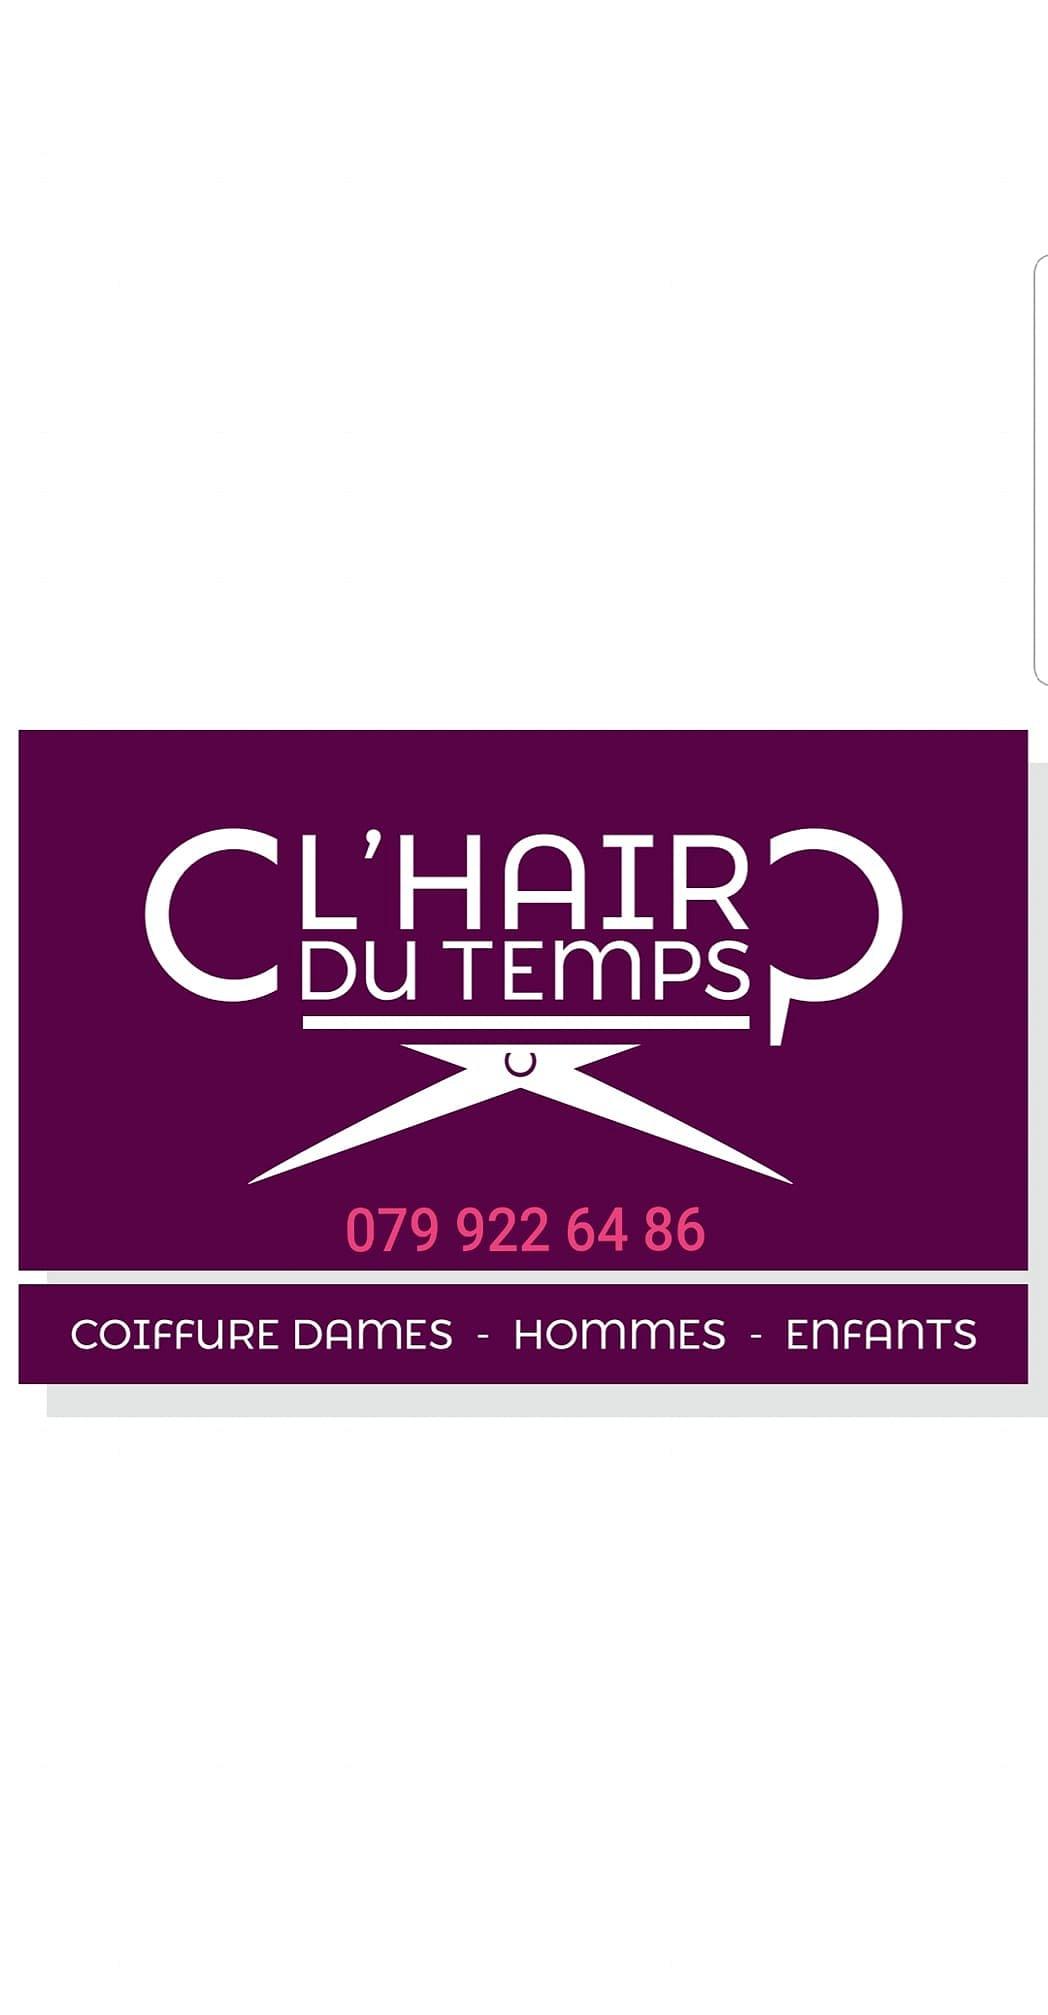 C L'HAIR DU TEMPS